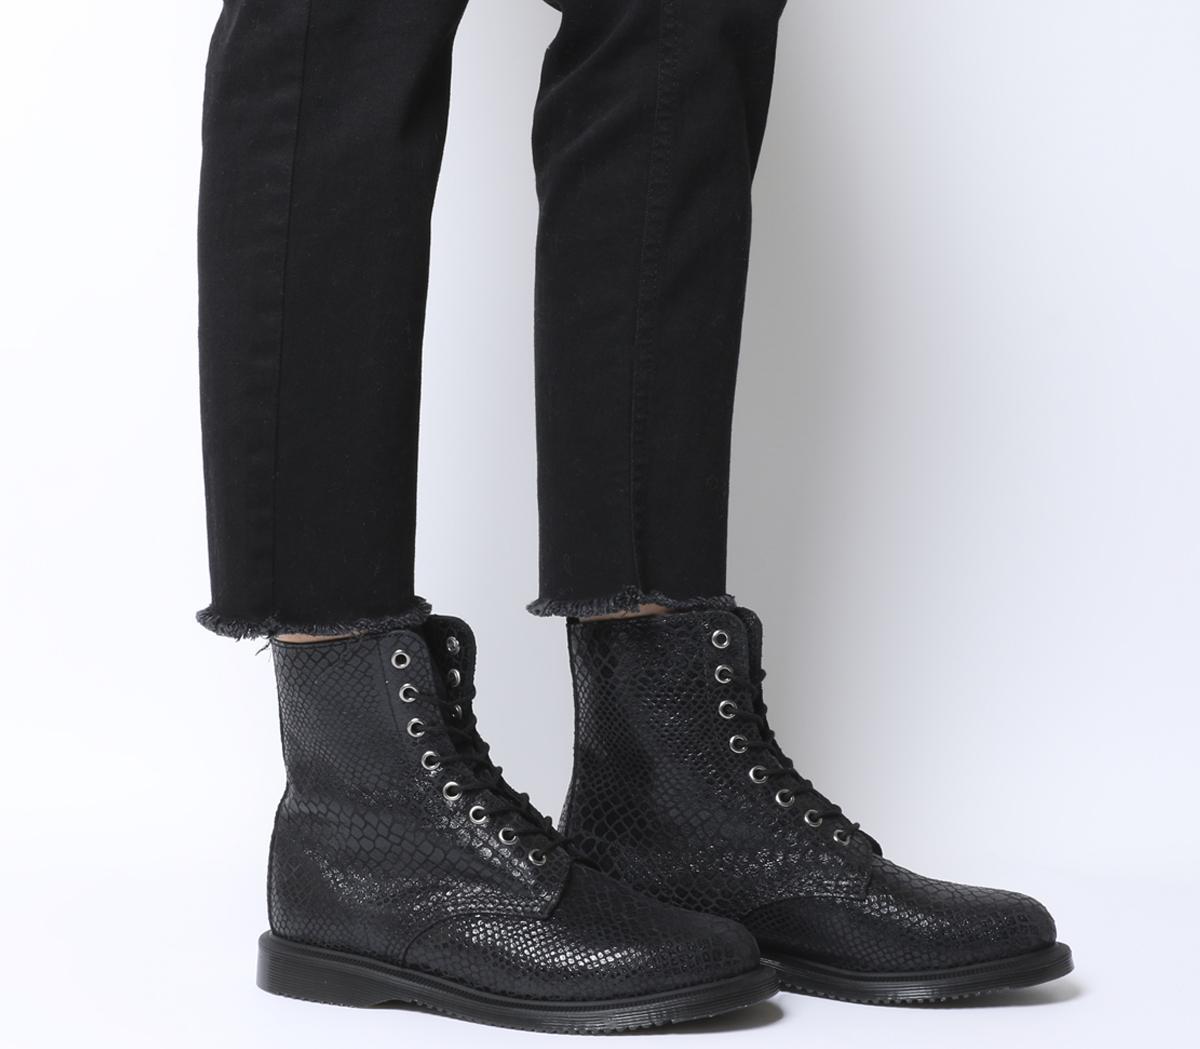 Elsham 8 Eye Boots